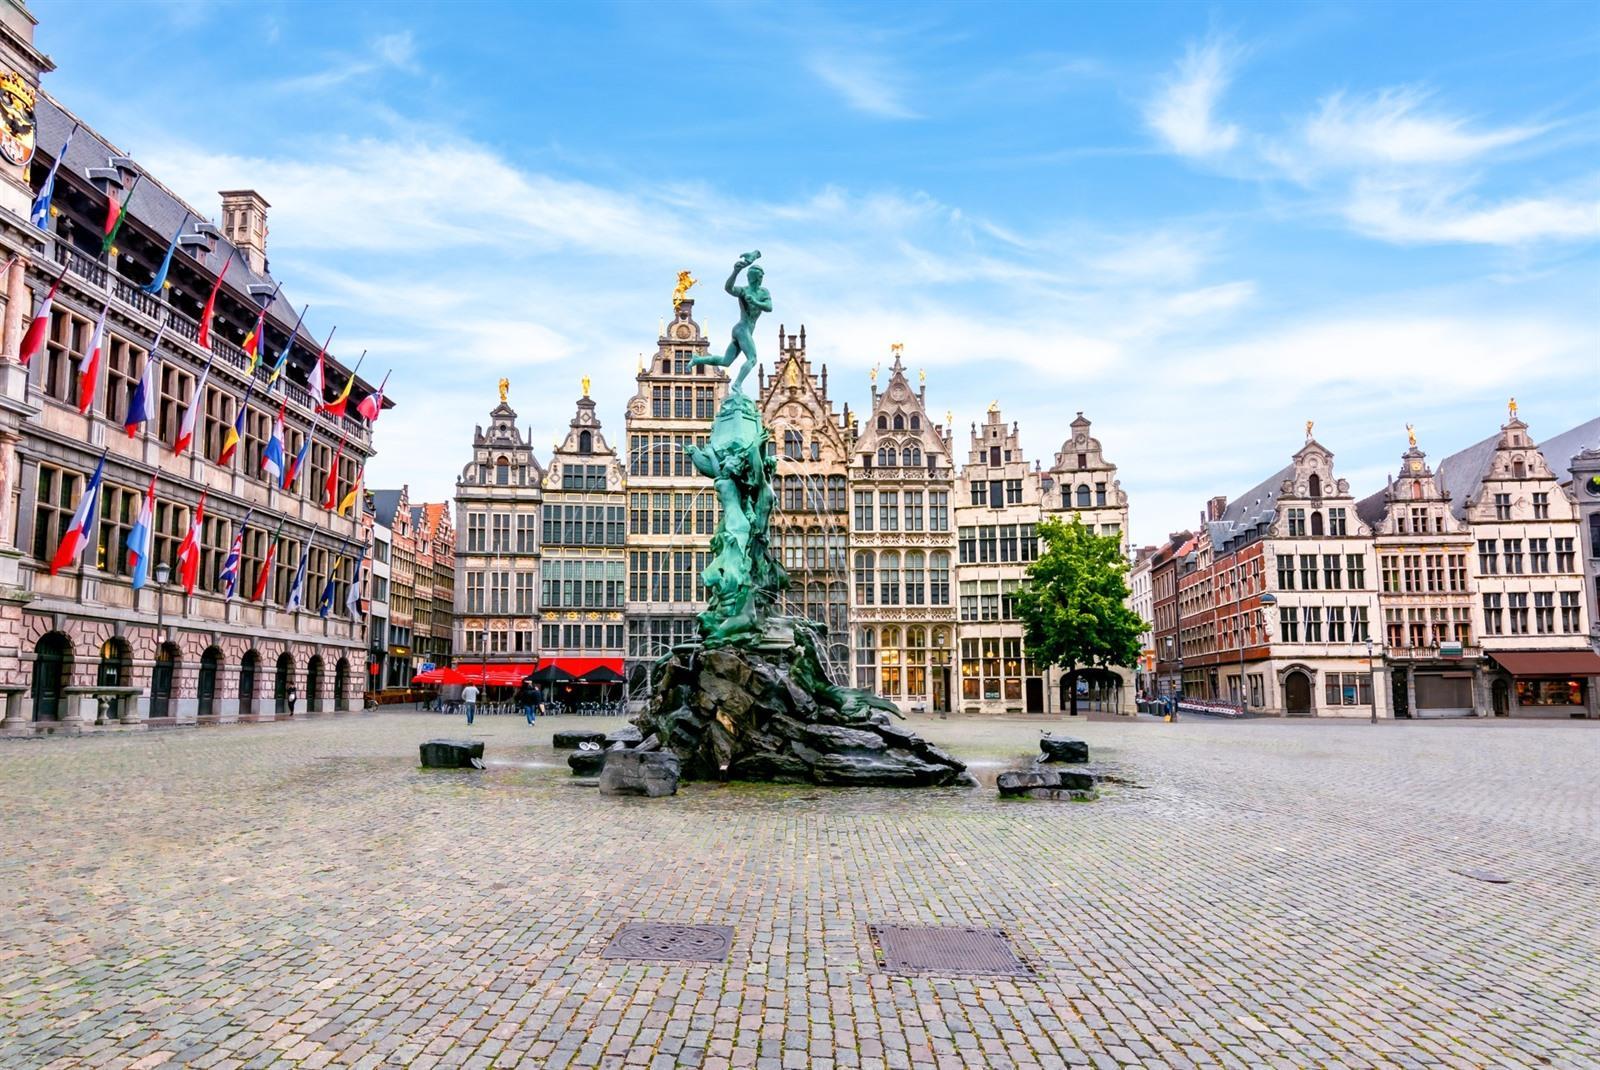 29 x mooiste bezienswaardigheden Antwerpen: Wat zeker zien ...